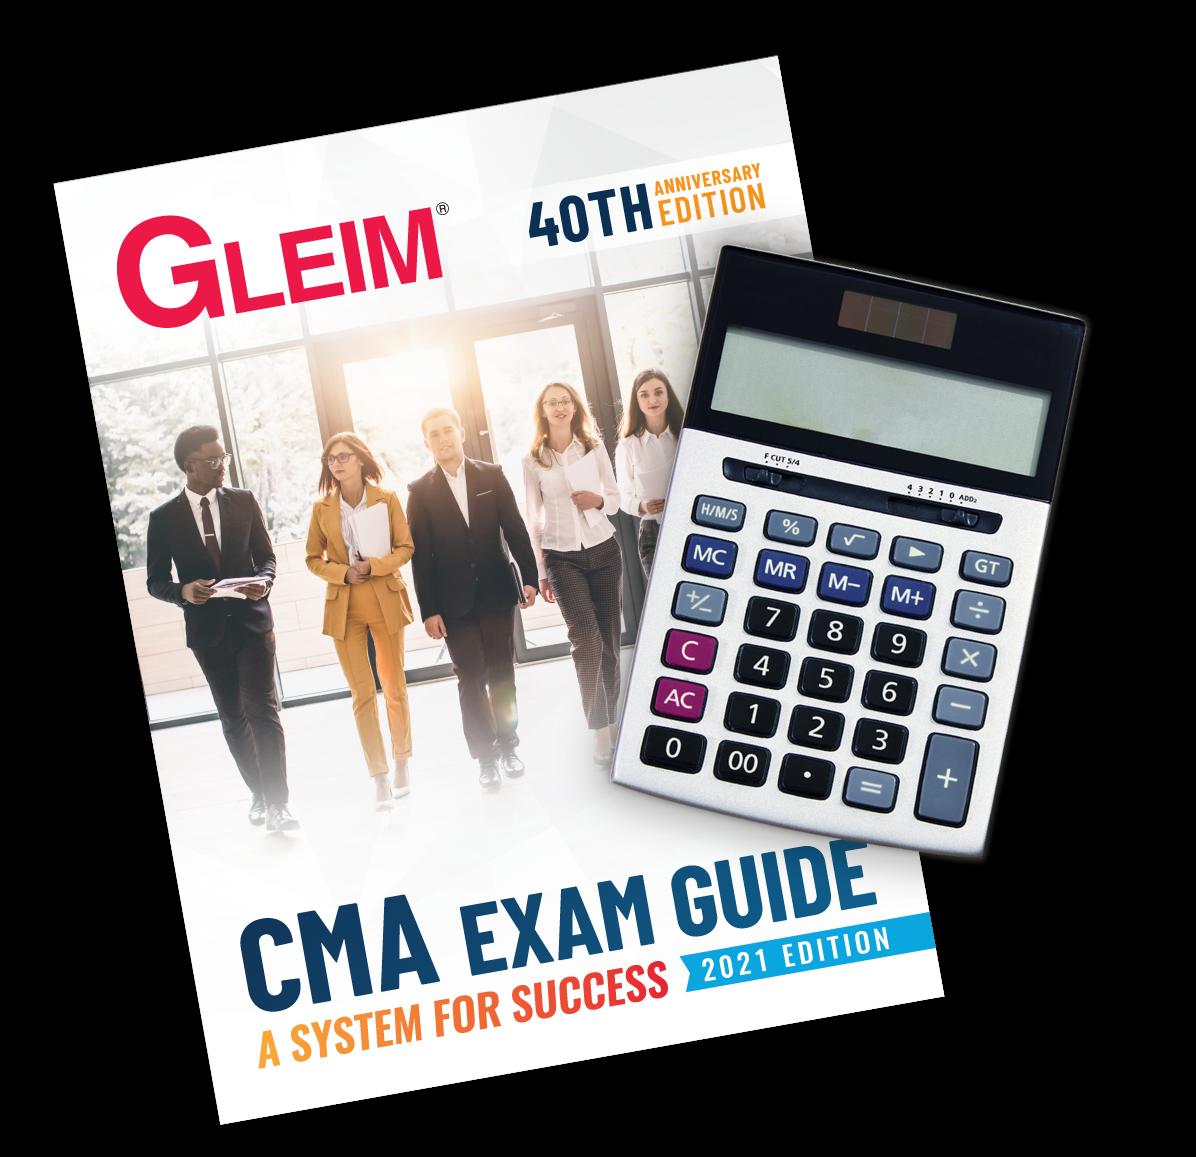 Gleim CMA Exam Guide: A System for Success 2021 Edition